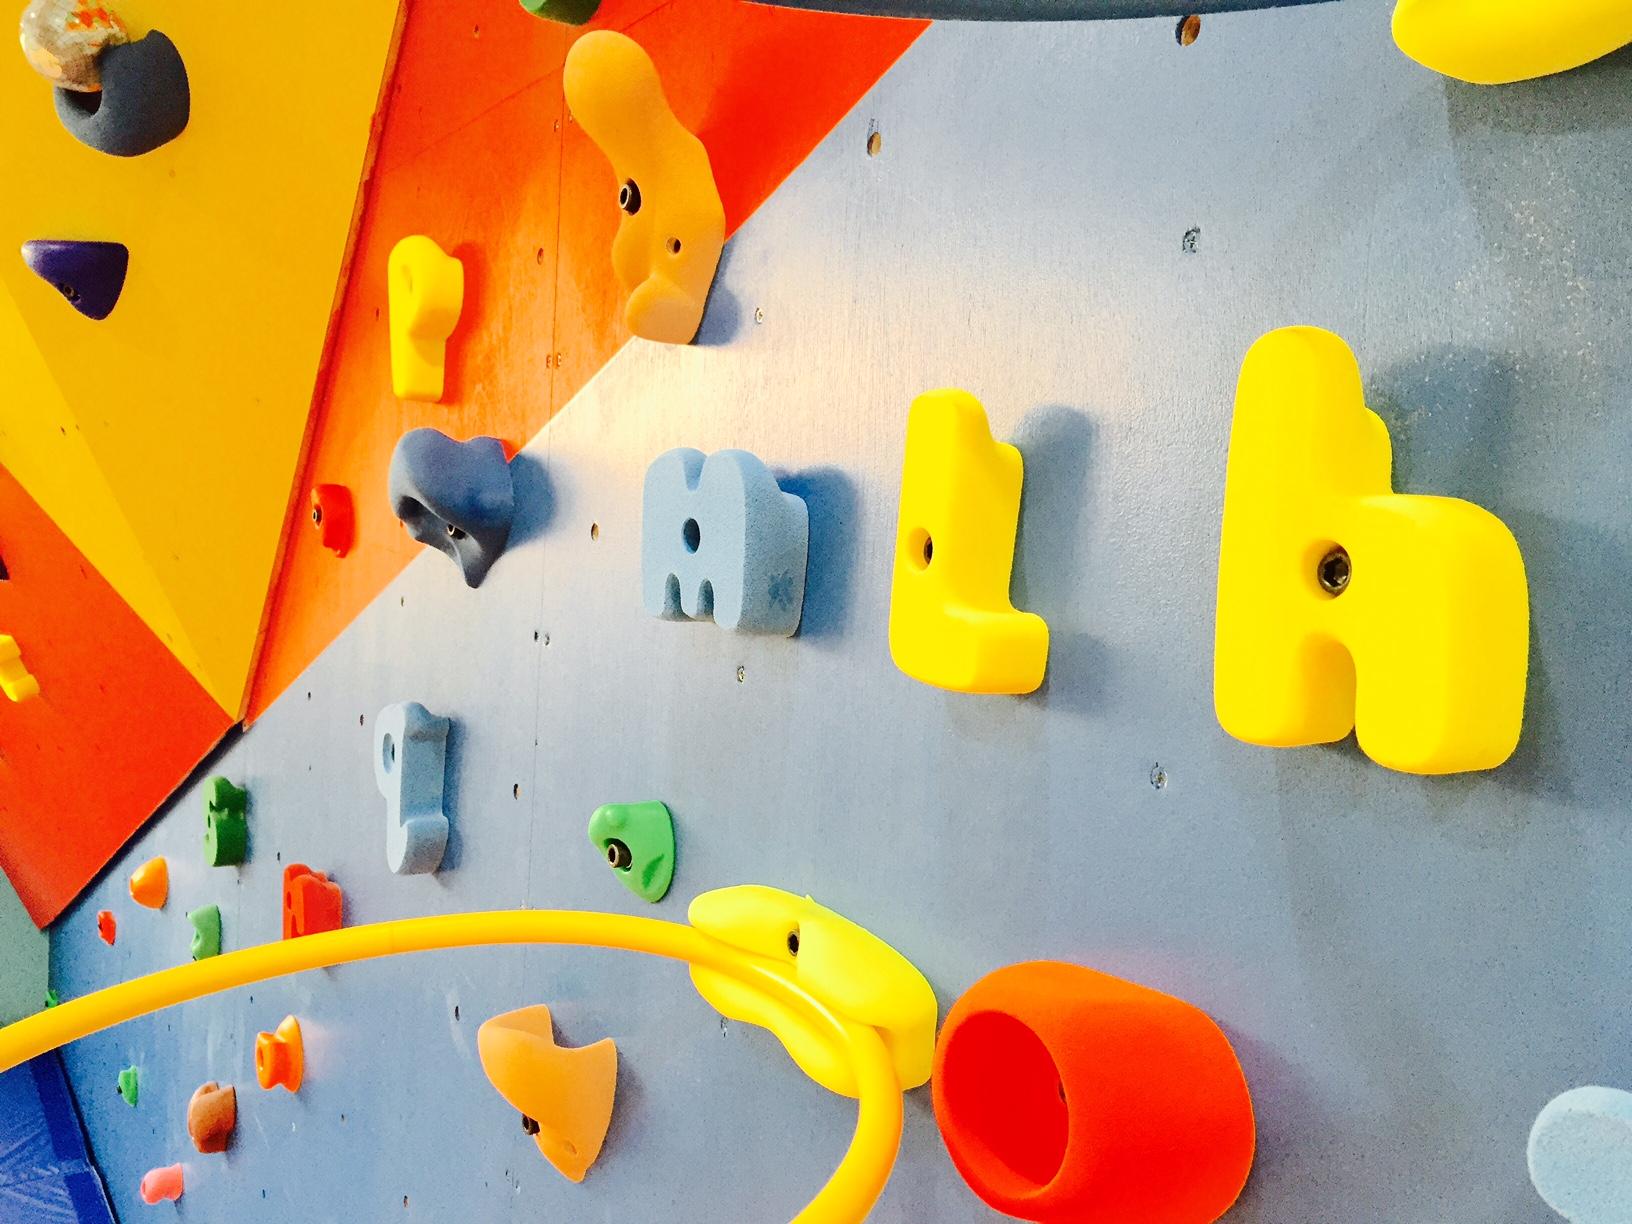 3 - Climbing ABC